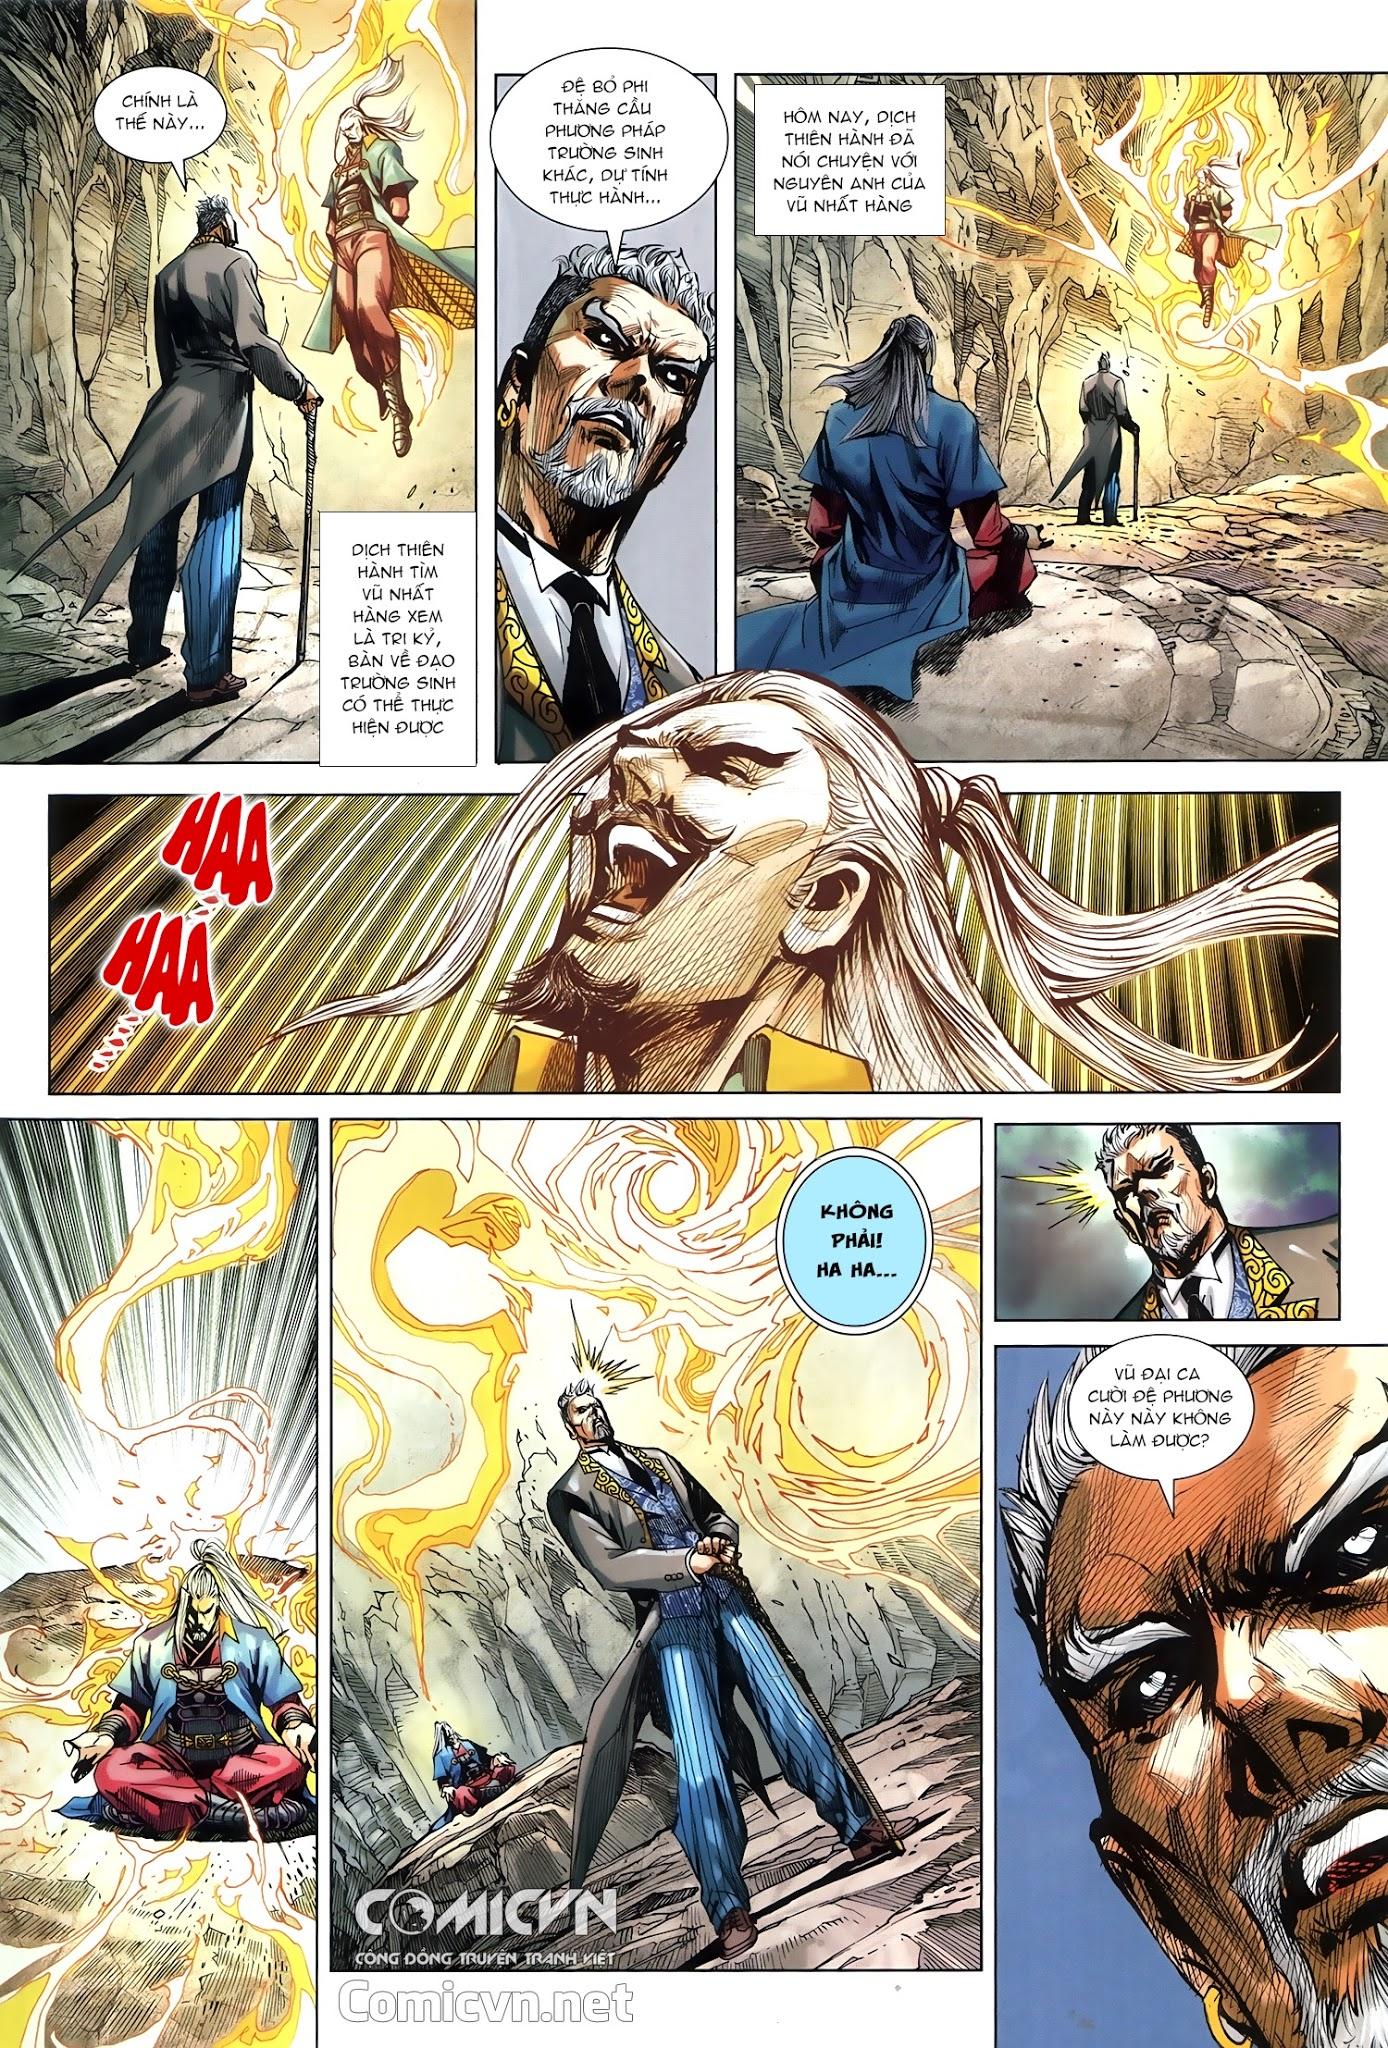 Tân Tác Long Hổ Môn chap 879.1 - Trang 16